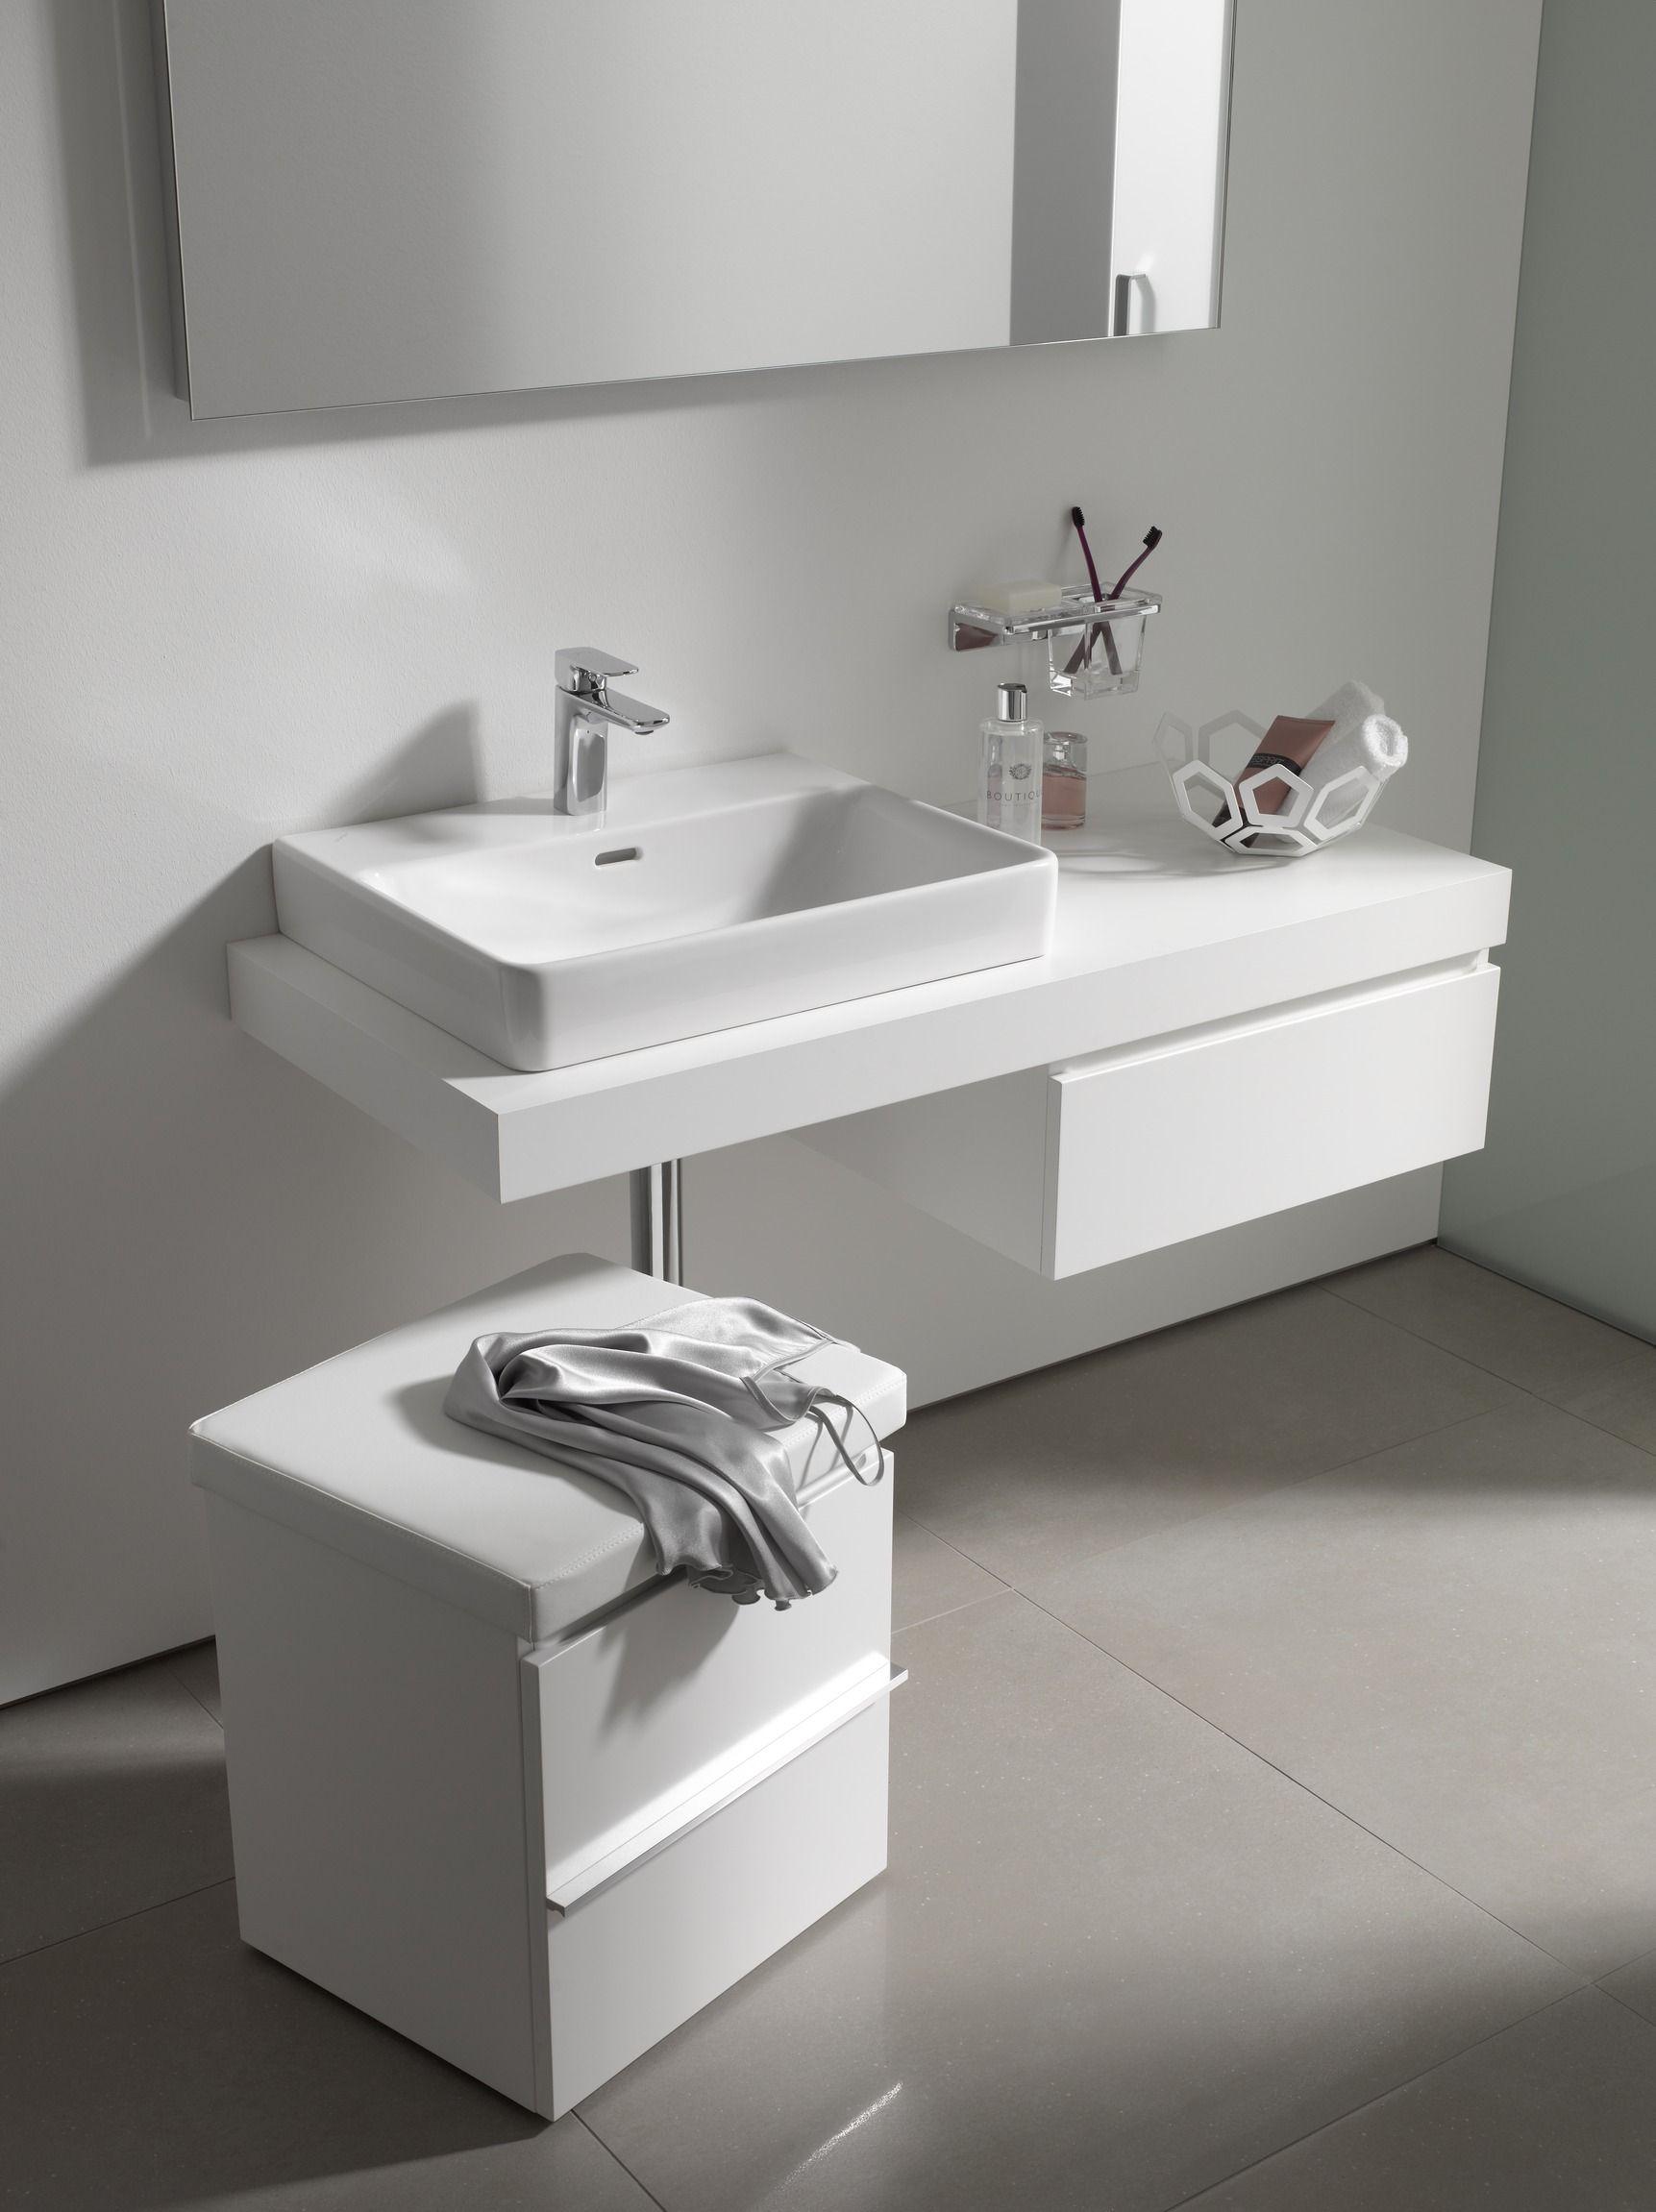 Laufen Pro S Laufen Bathrooms Arbeitsflachen Laufen Pro S Kuchenarbeitsplatte